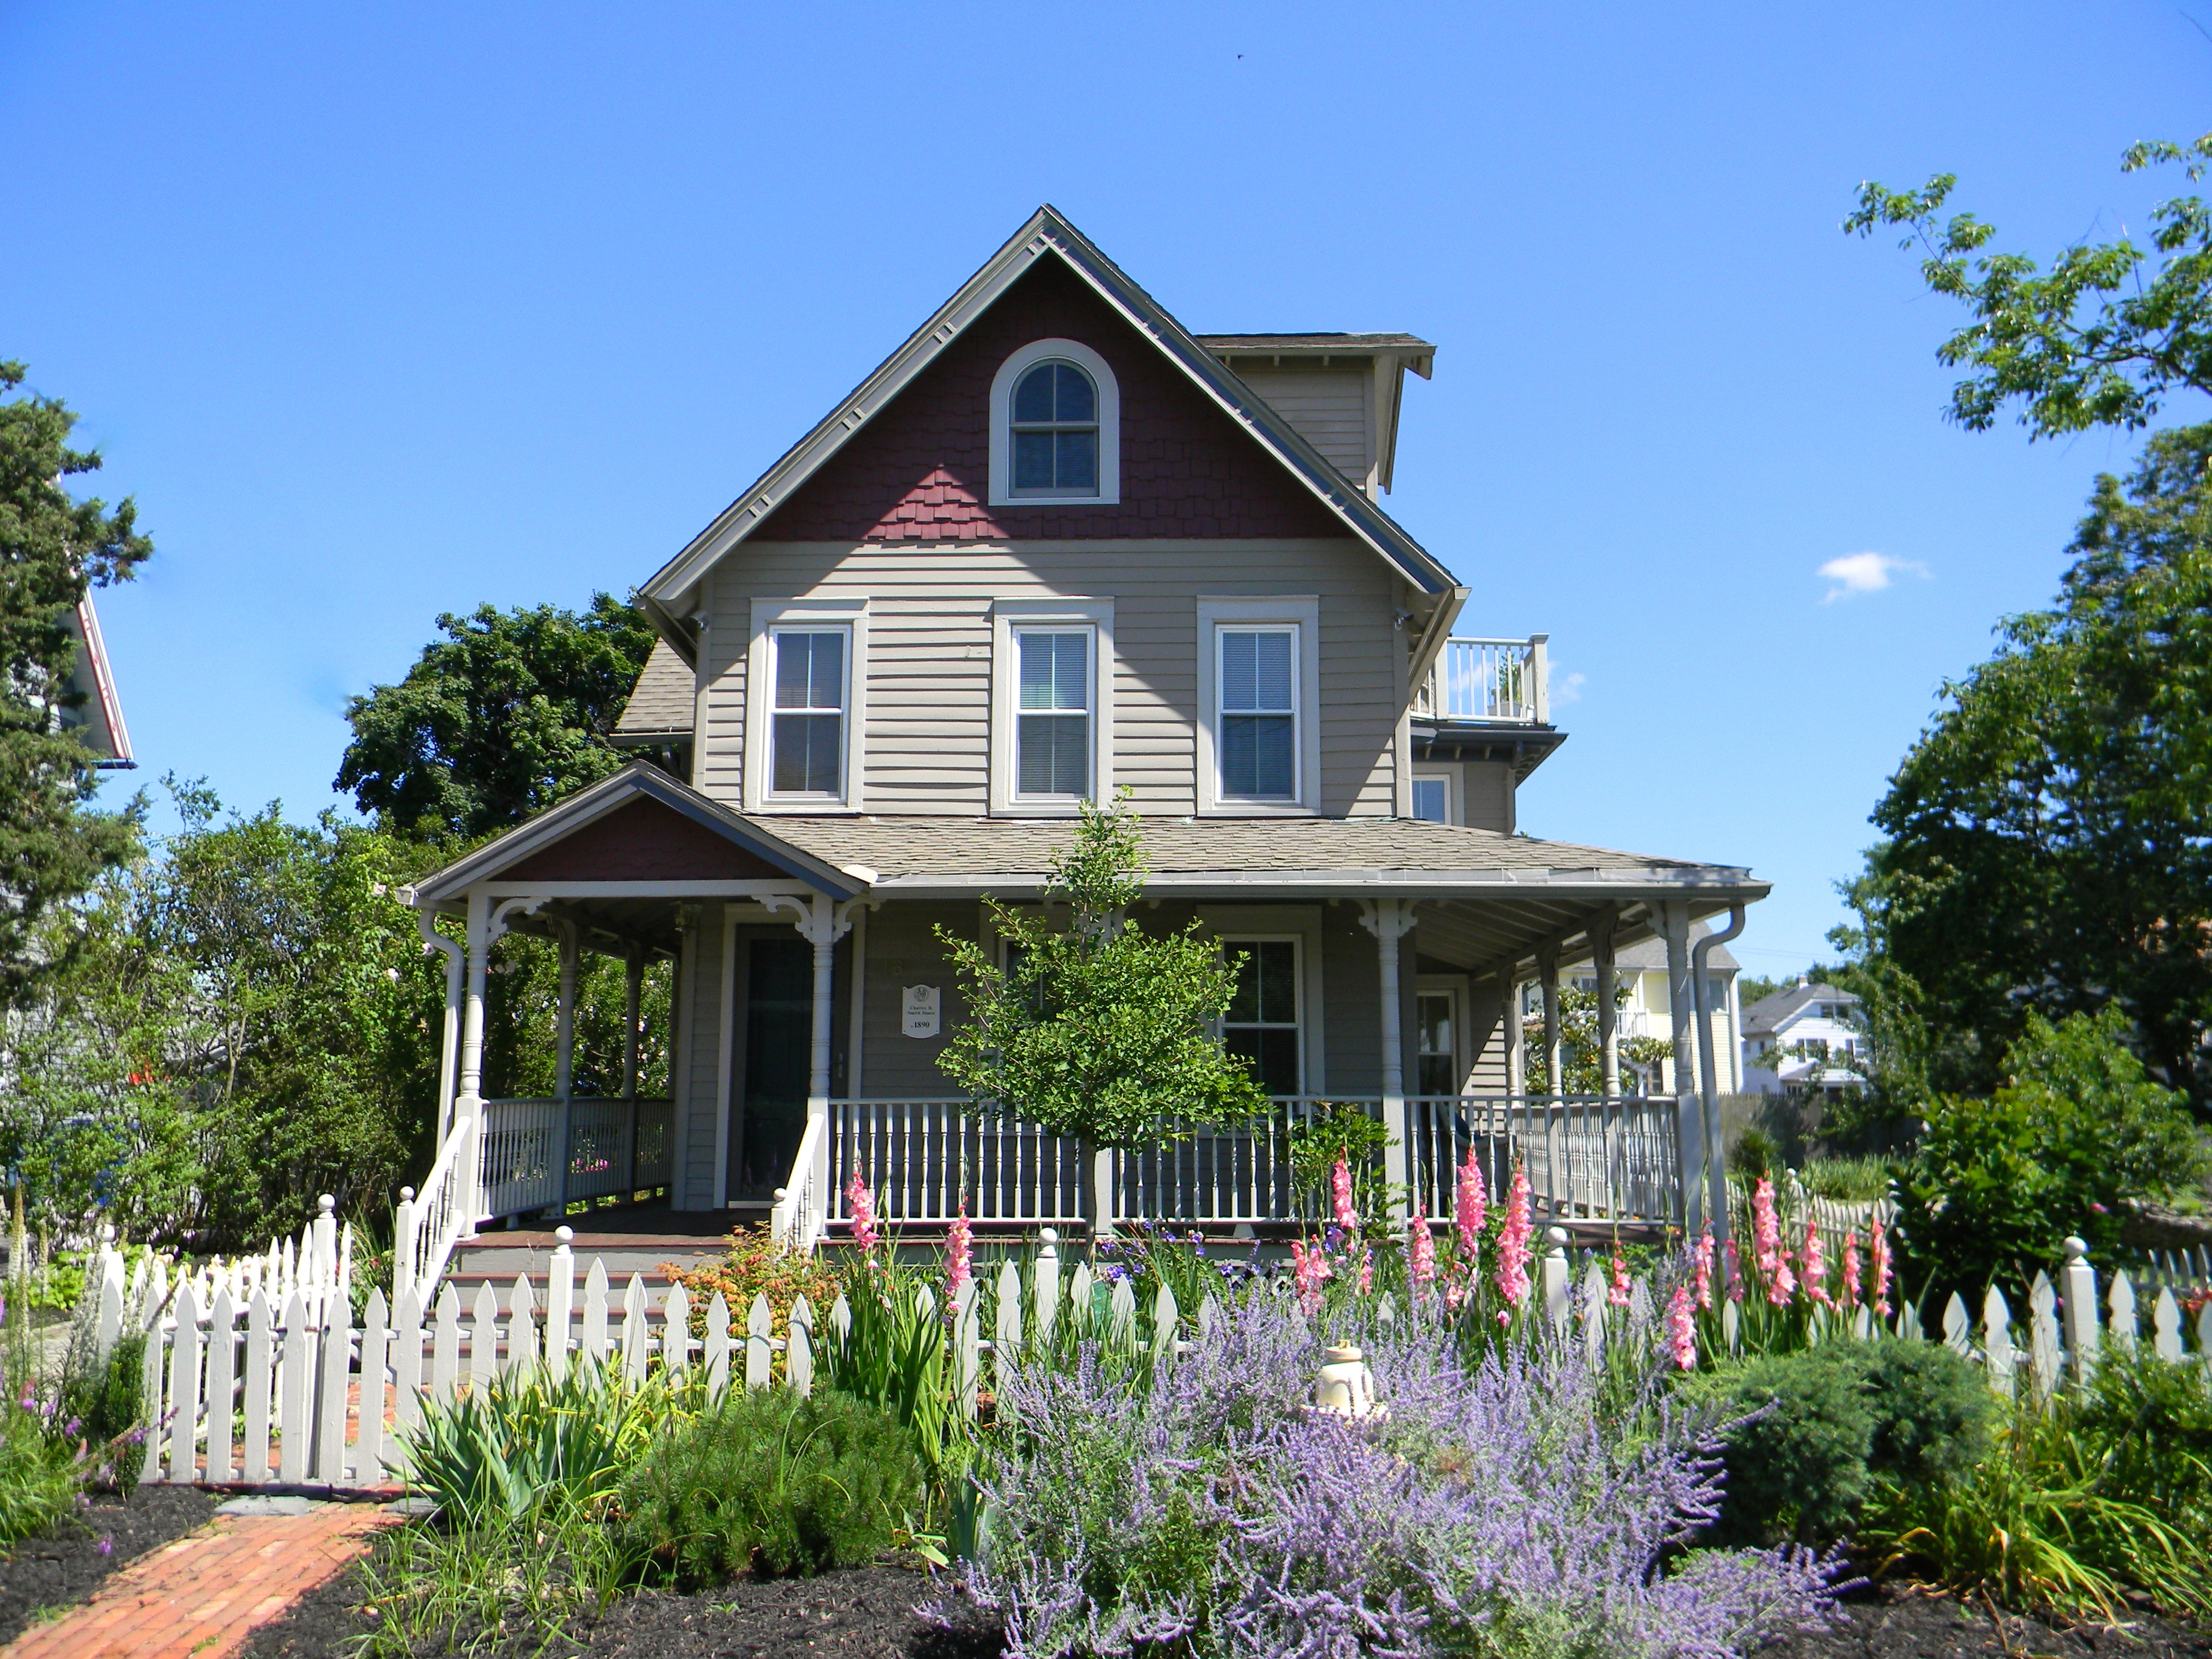 獨棟家庭住宅 為 出售 在 16 Burwell Street Norwalk, 康涅狄格州 06854 美國